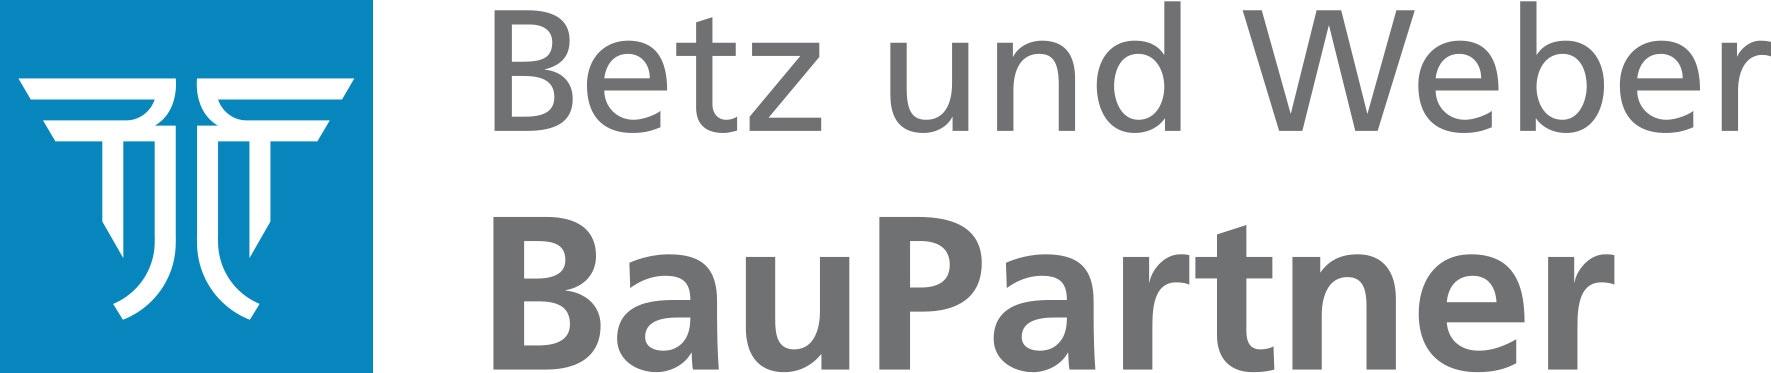 Betz und Weber BauPartner GmbH